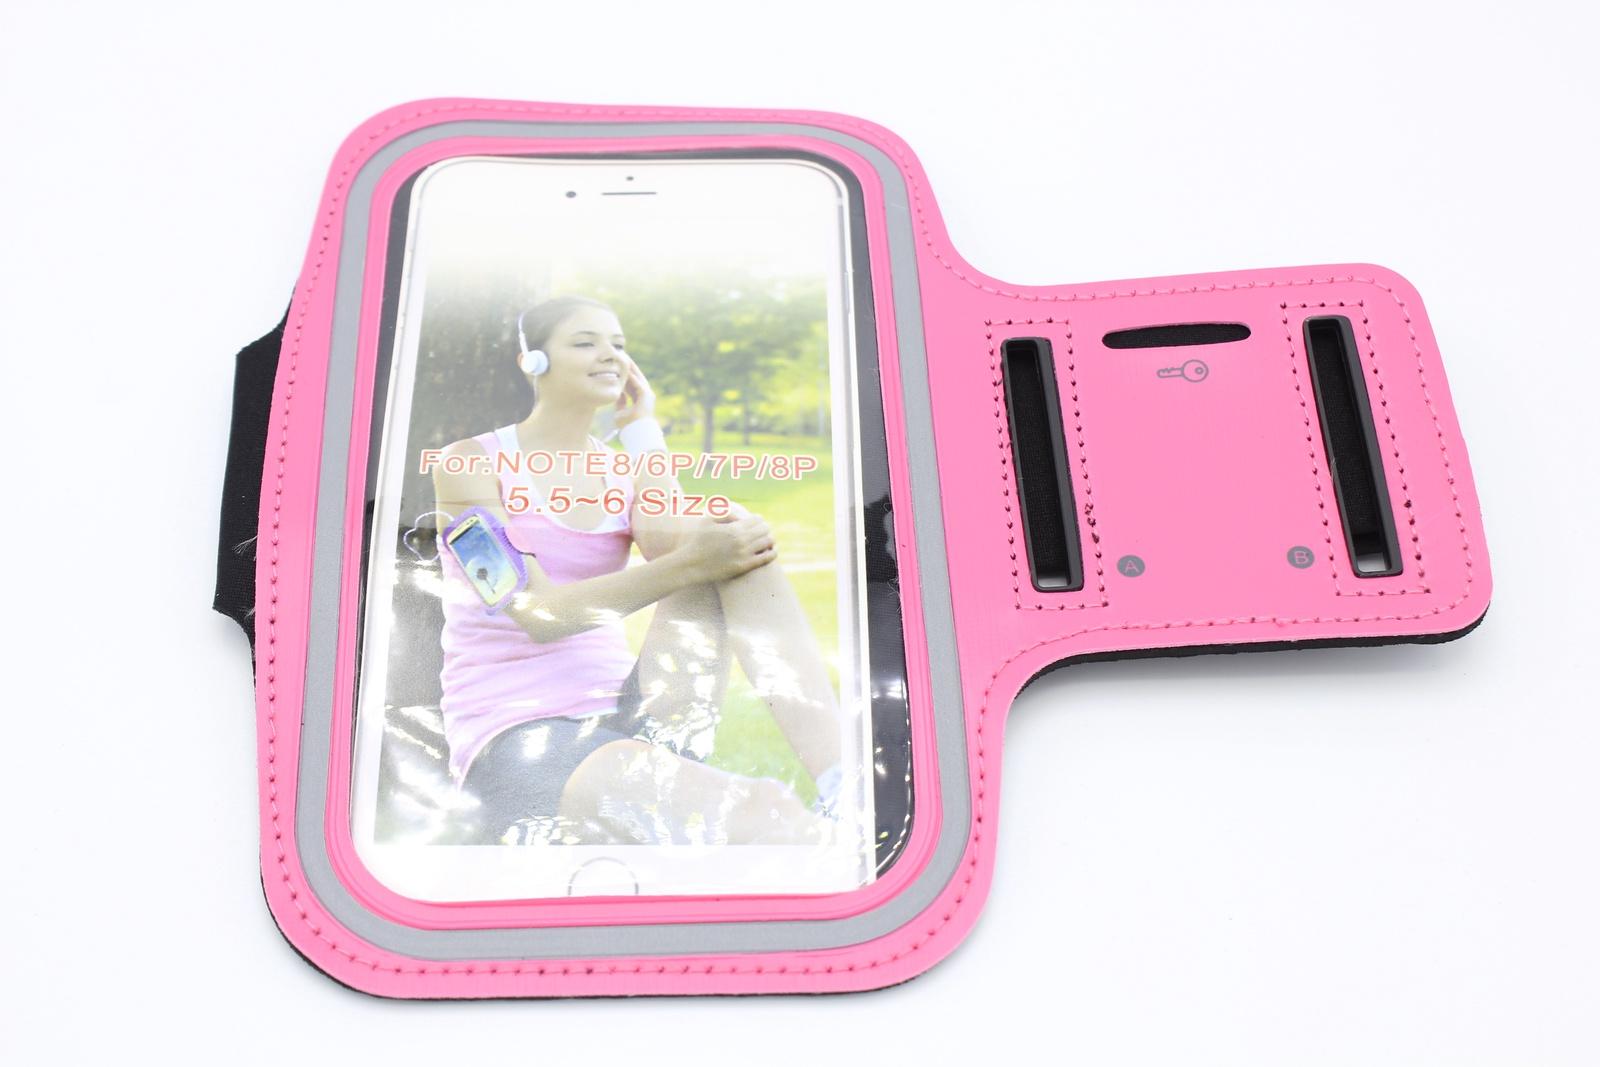 Чехол для Смартфона крепление на руку липучка, розовый водонепроницаемый чехол для смартфона на велосипеде